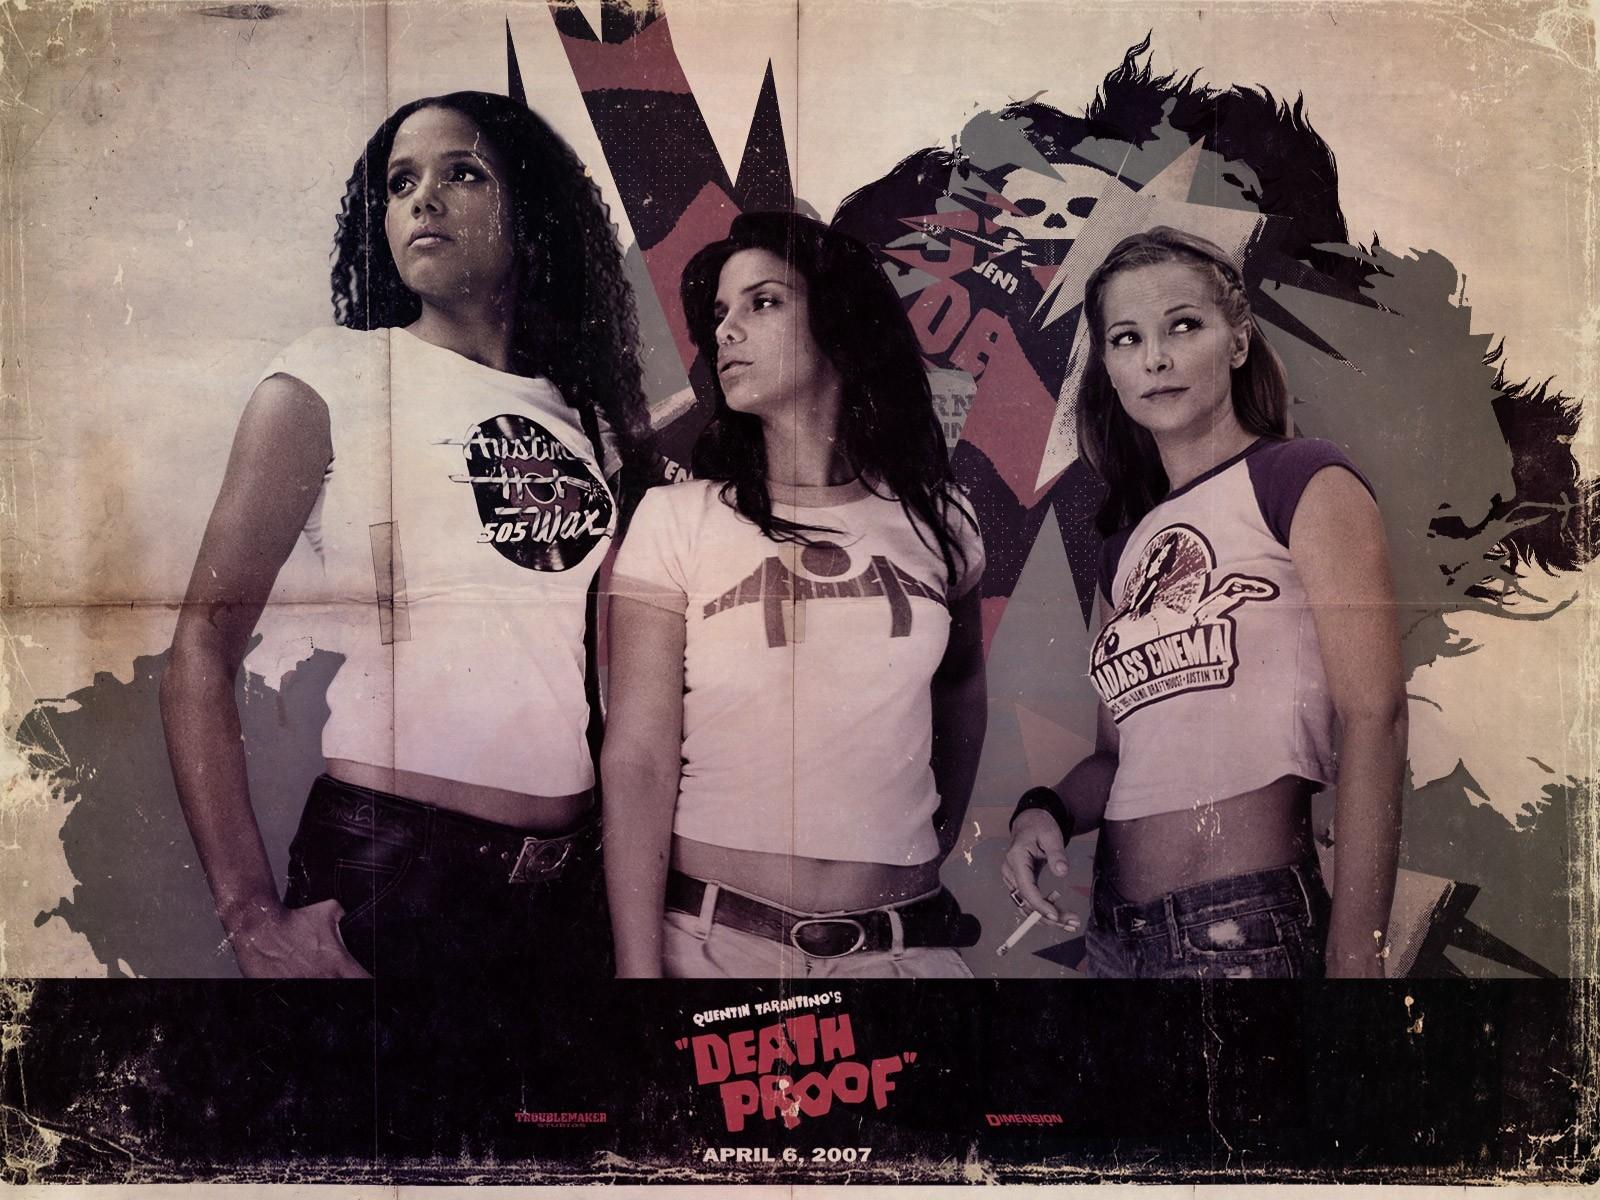 Wallpaper del film Grindhouse con le sexy protagoniste dell'episodio A prova di morte